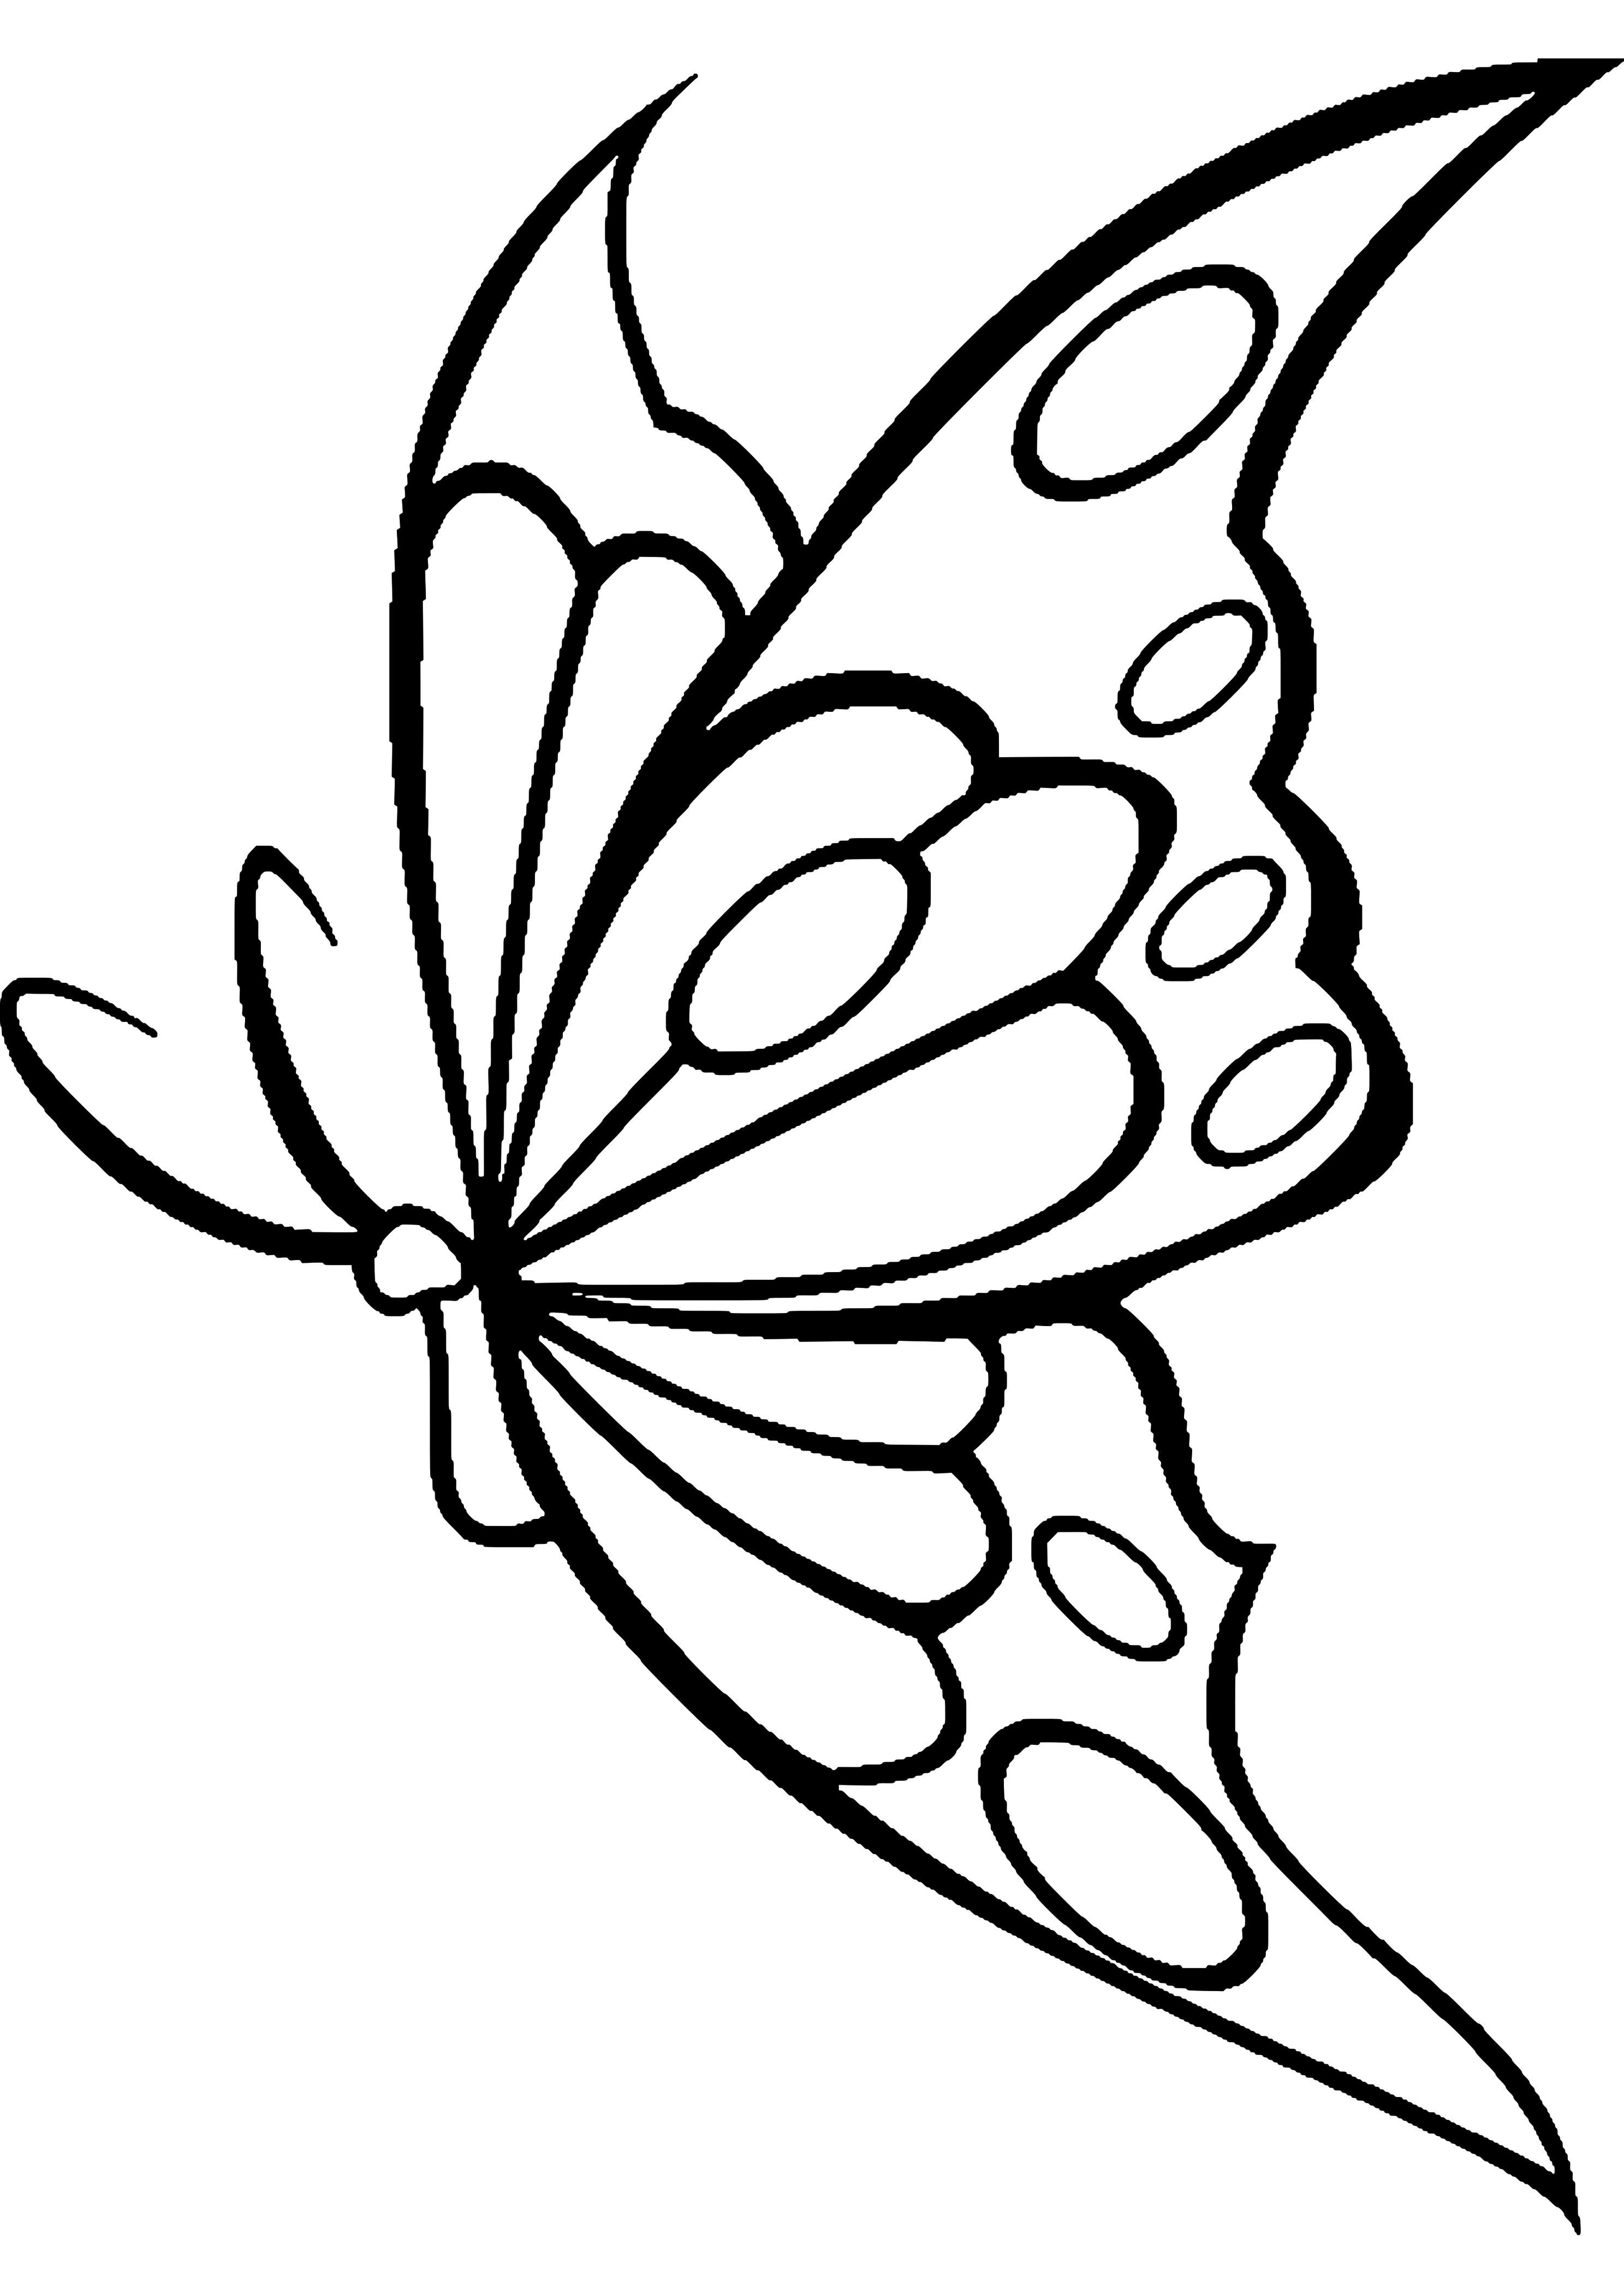 Mariposas Para Colorear O Dibujar Mariposas Para Colorear